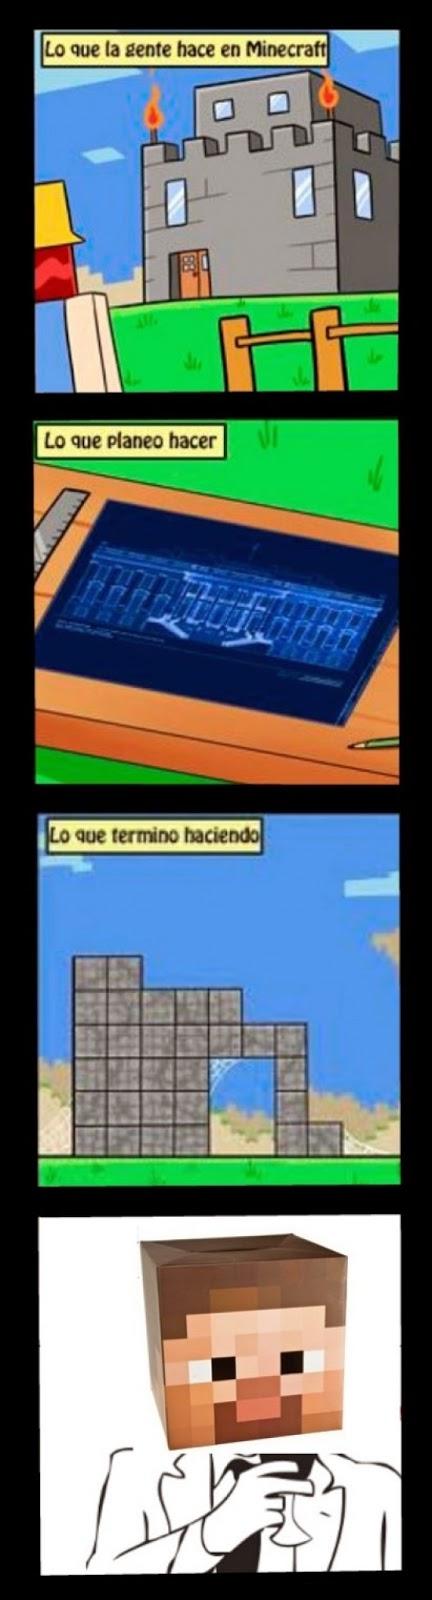 Cuando Juego Minecraft